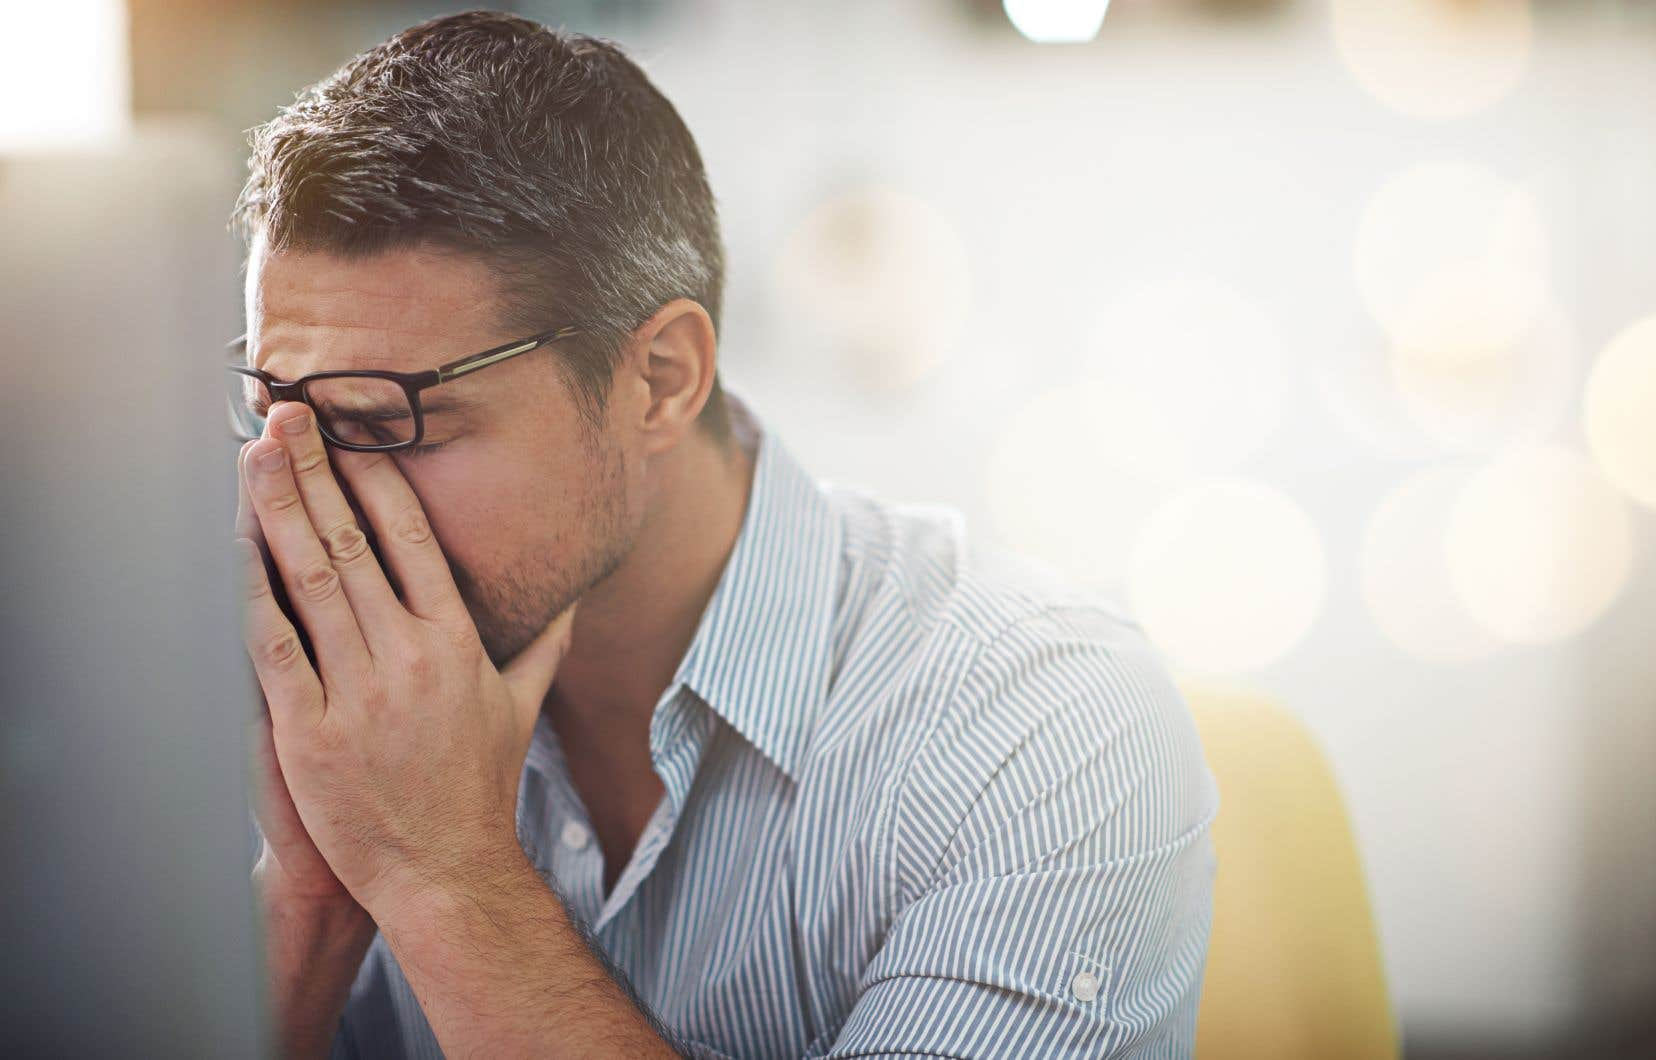 «Devant le peu d'appui offert à l'employé soucieux de donner un rendement à la hauteur de ses talents, la sécurité d'emploi et les excellentes conditions de travail du fédéral ont un effet pernicieux», croit l'auteur.